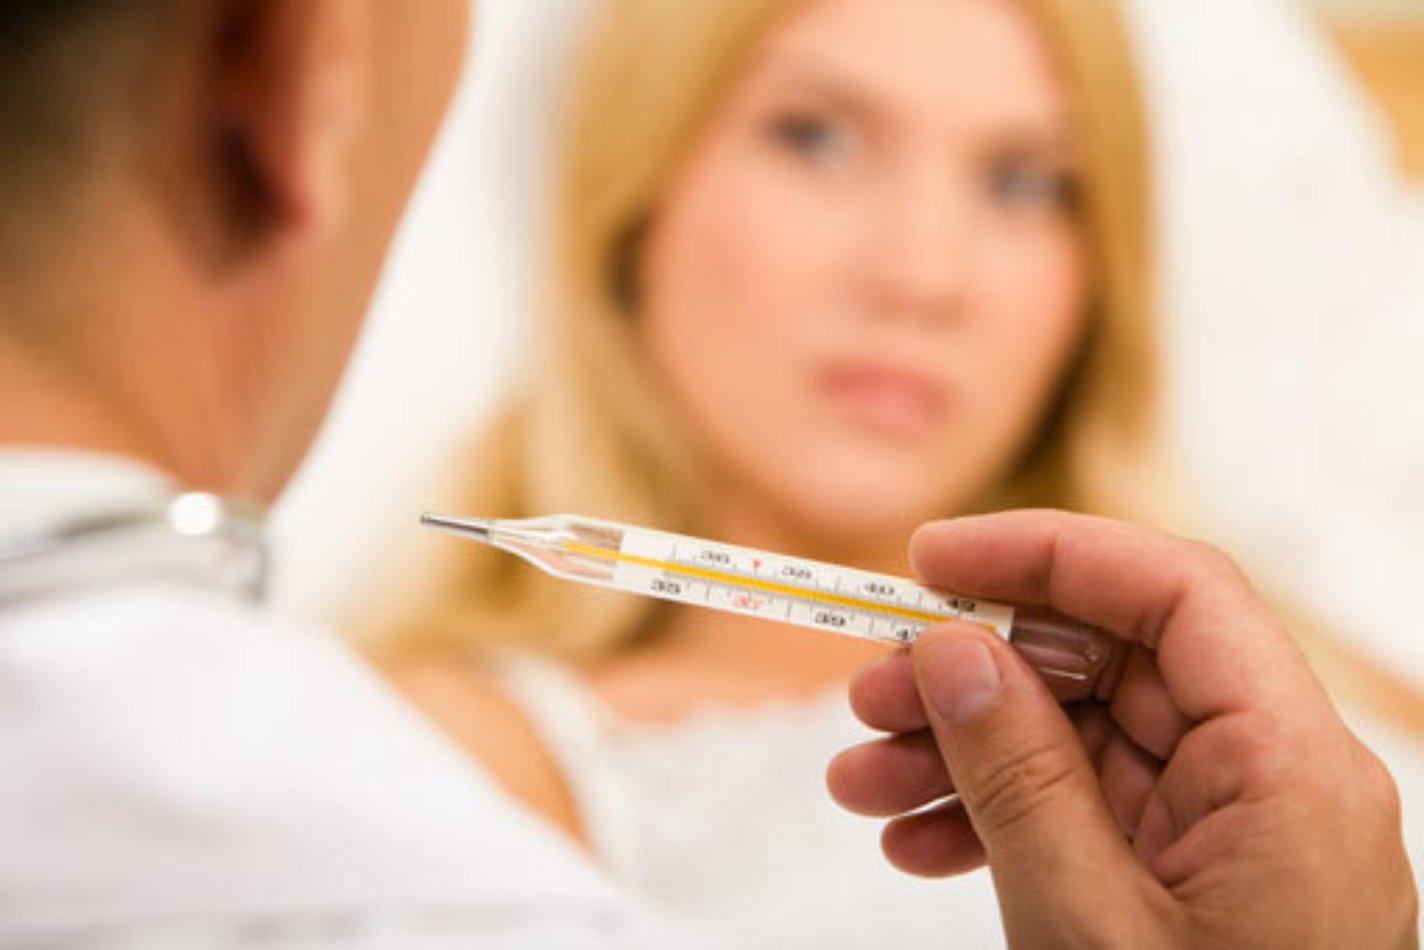 Может ли терапевт дать больничный беременной без температуры